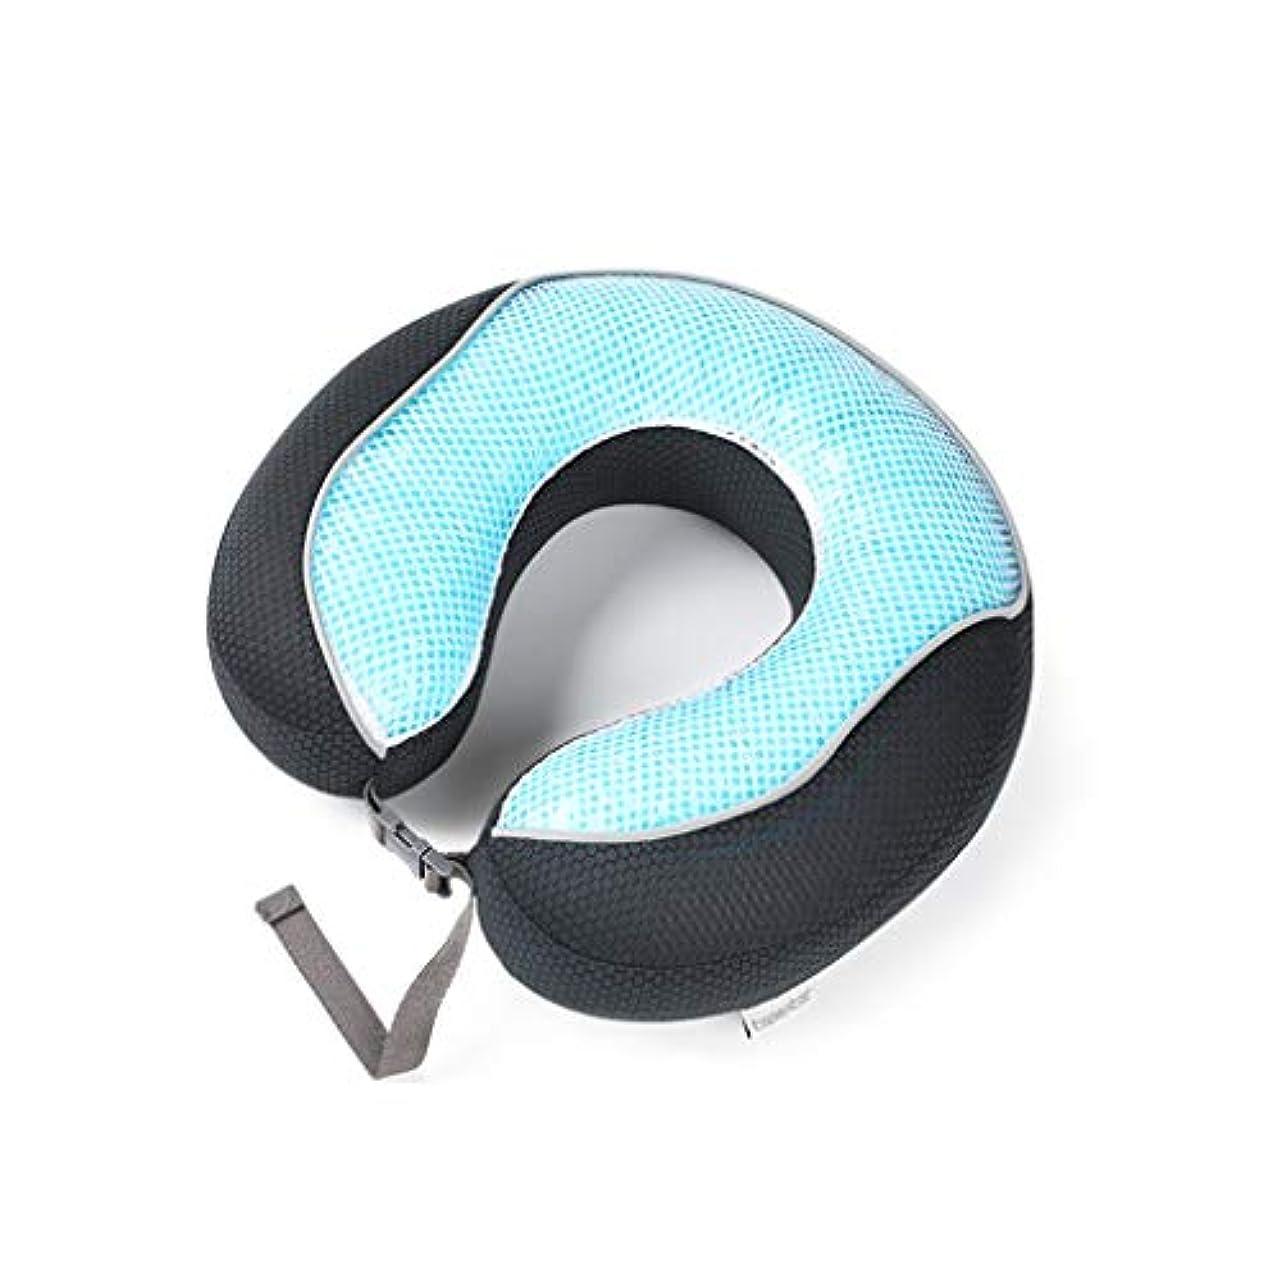 ベーカリー印象的水差しLGQ-JF 旅行U字型枕、縮んだ大人の首枕、ヘッドクールメモリーコットンシリコンスーツケースU字型マットレストパッド航空機用カートレインオフィス (Color : Blue)